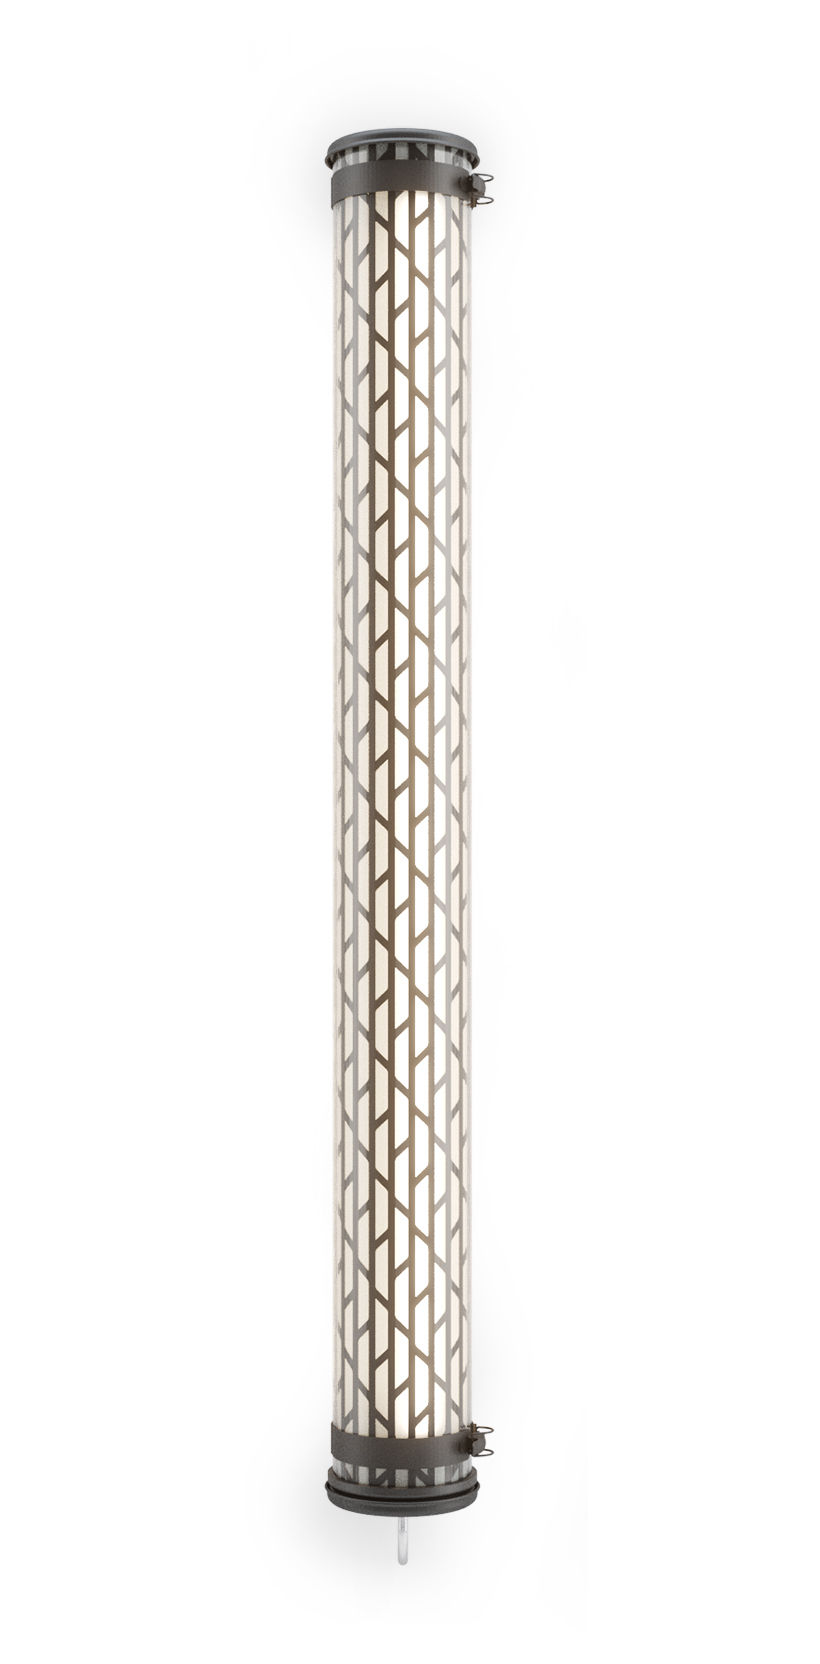 Luminaire - Appliques - Applique Belleville LED / Suspension - L 130 cm - SAMMODE STUDIO - Noir - Acier inoxydable, Aluminium anodisé, Polycarbonate